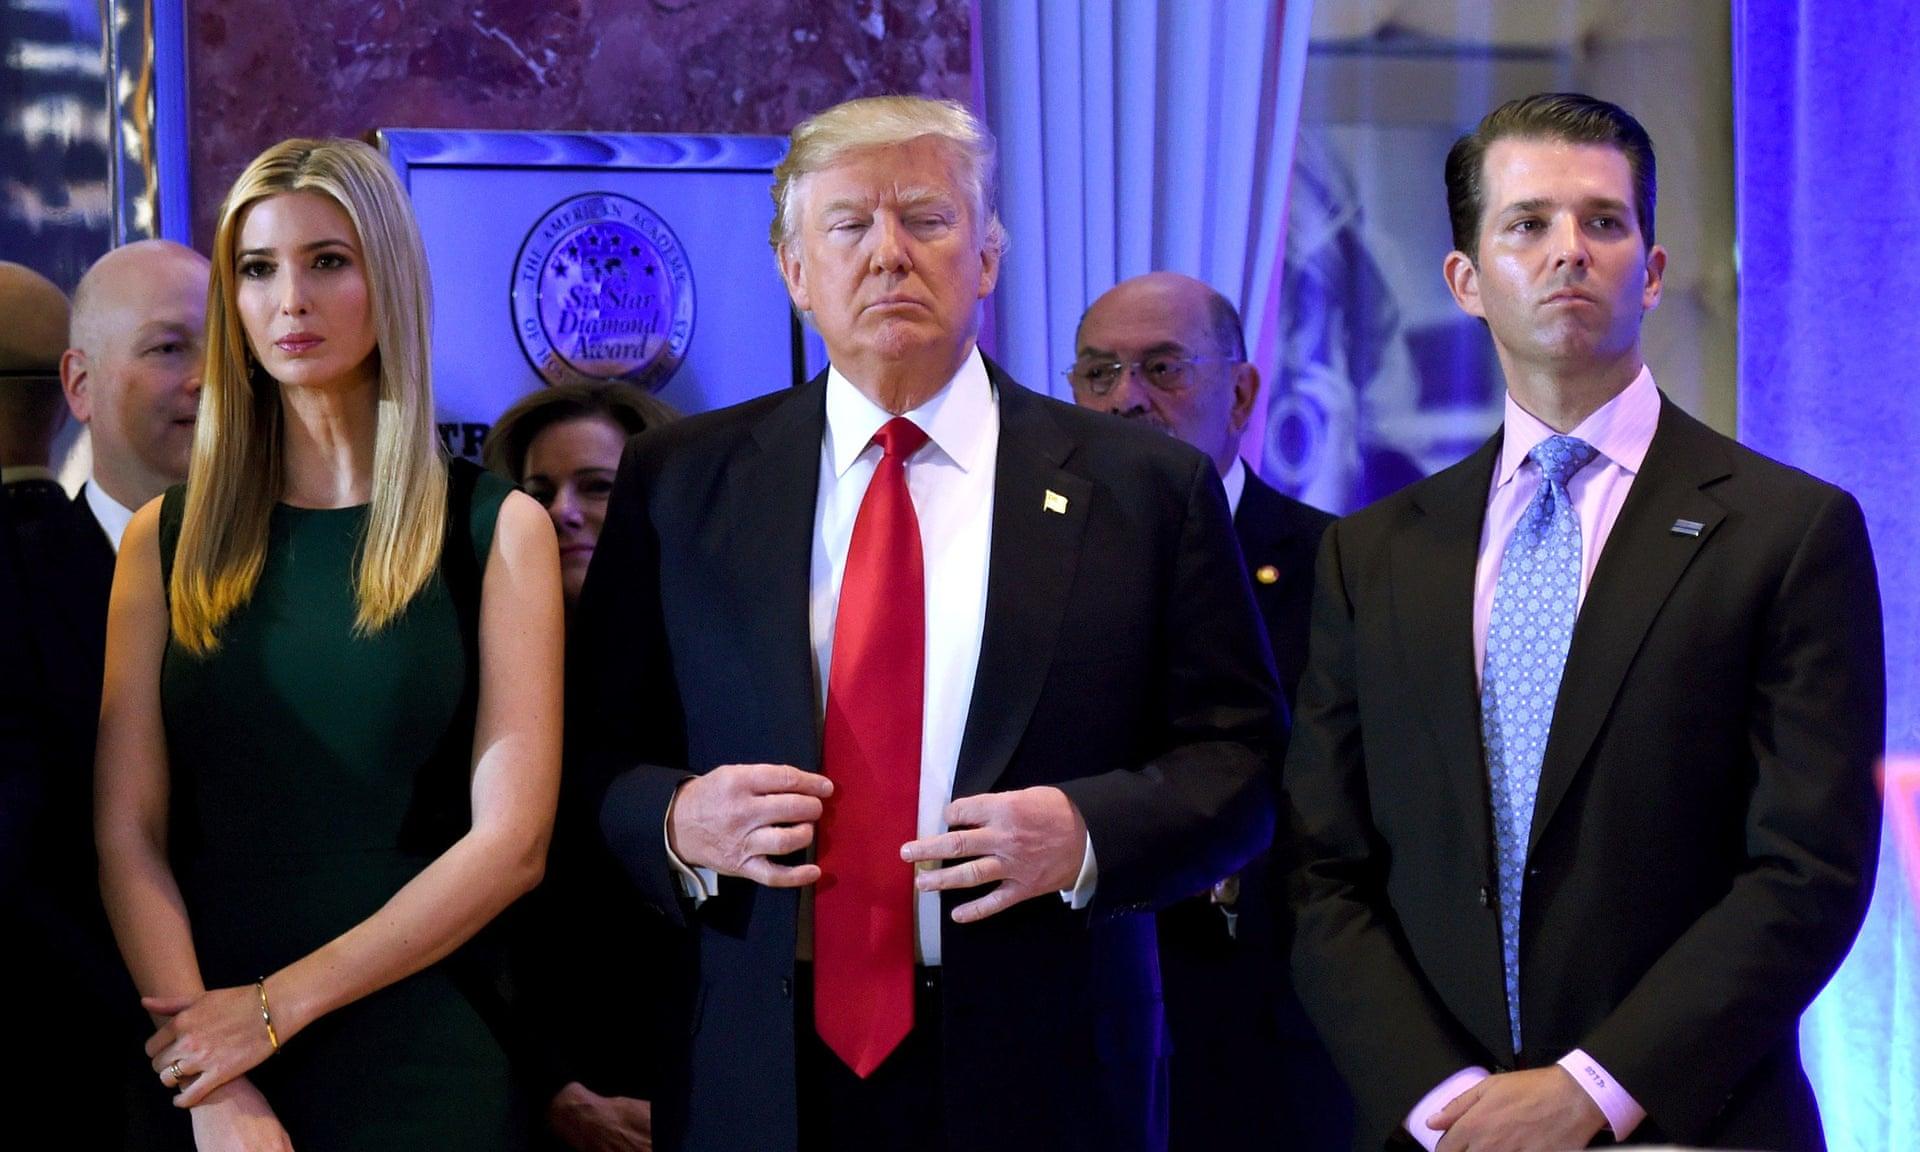 Tổng thống Donald Trump cùng Ivanka Trump (trái) và Donald Trump Jr tại New York. Ảnh chụp tháng 11/2017 - Ảnh: AFP/Getty Images